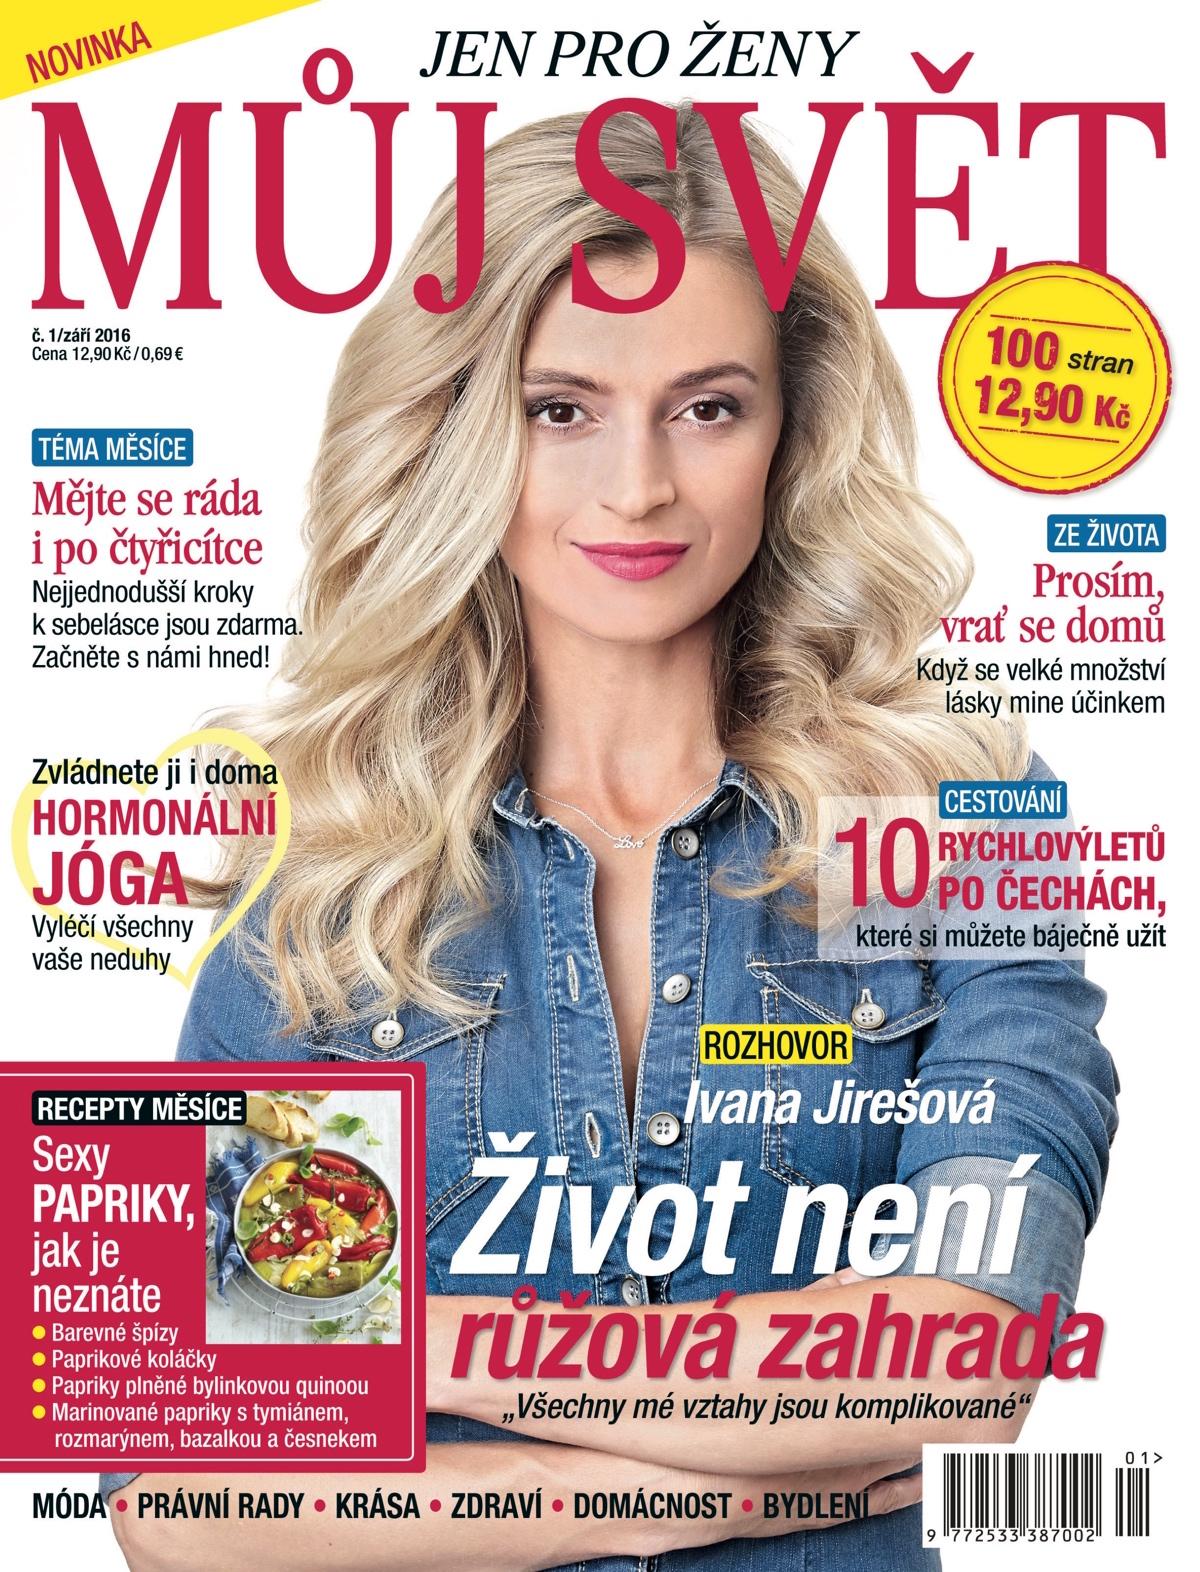 Titulní strana prvního vydání měsíčníku Můj svět